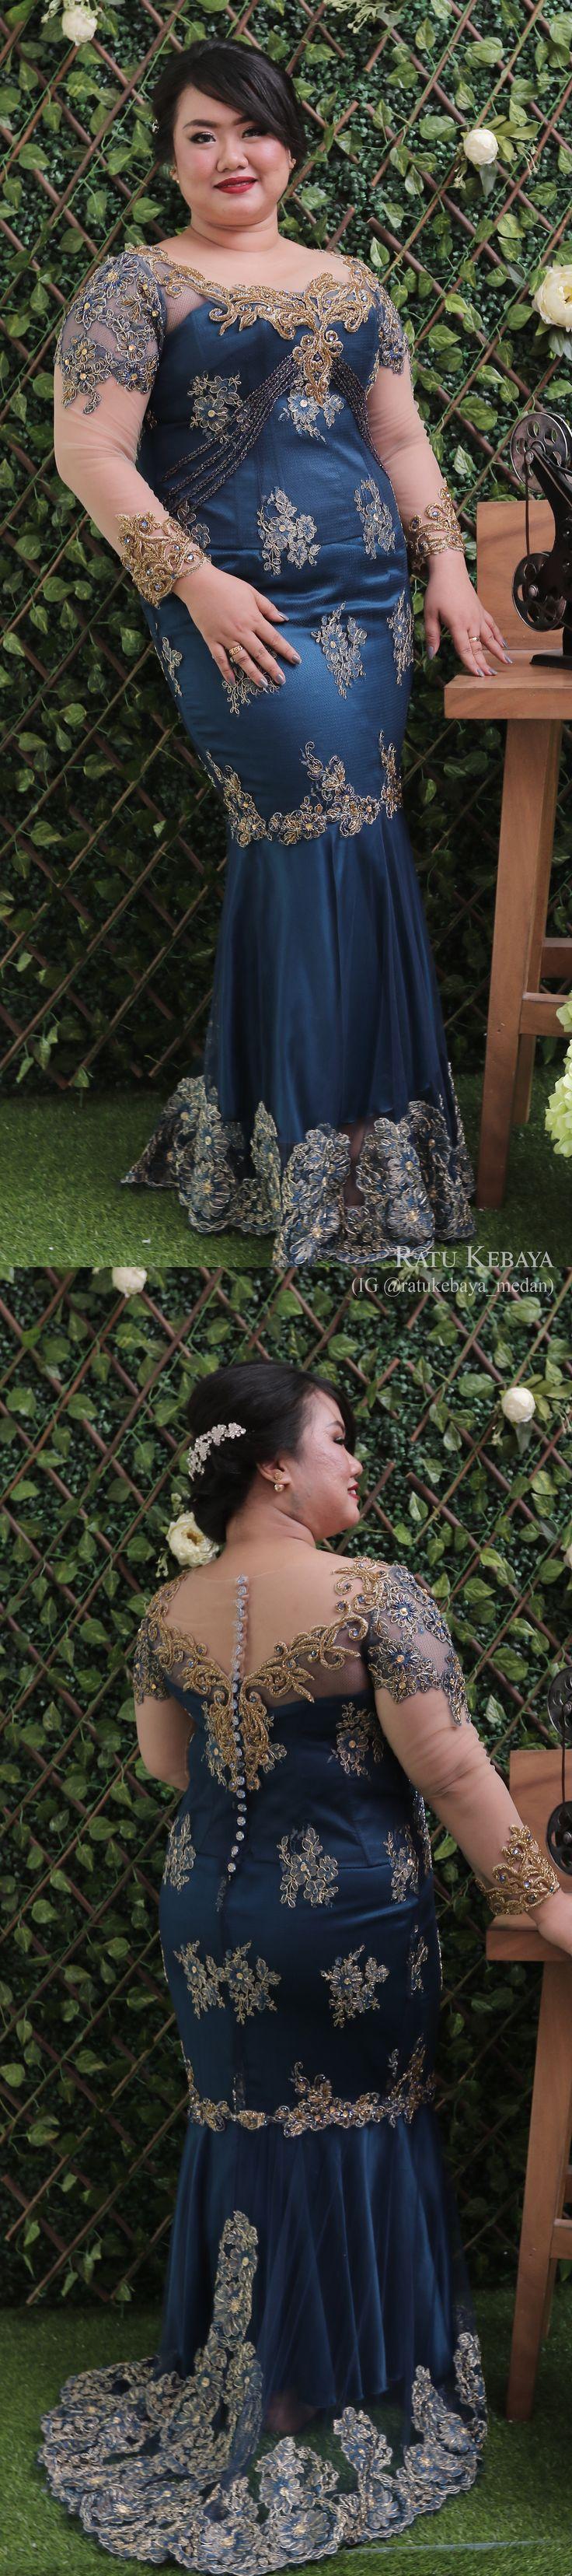 Gaun renda dengan detail rok duyung (IG @ratukebaya_medean